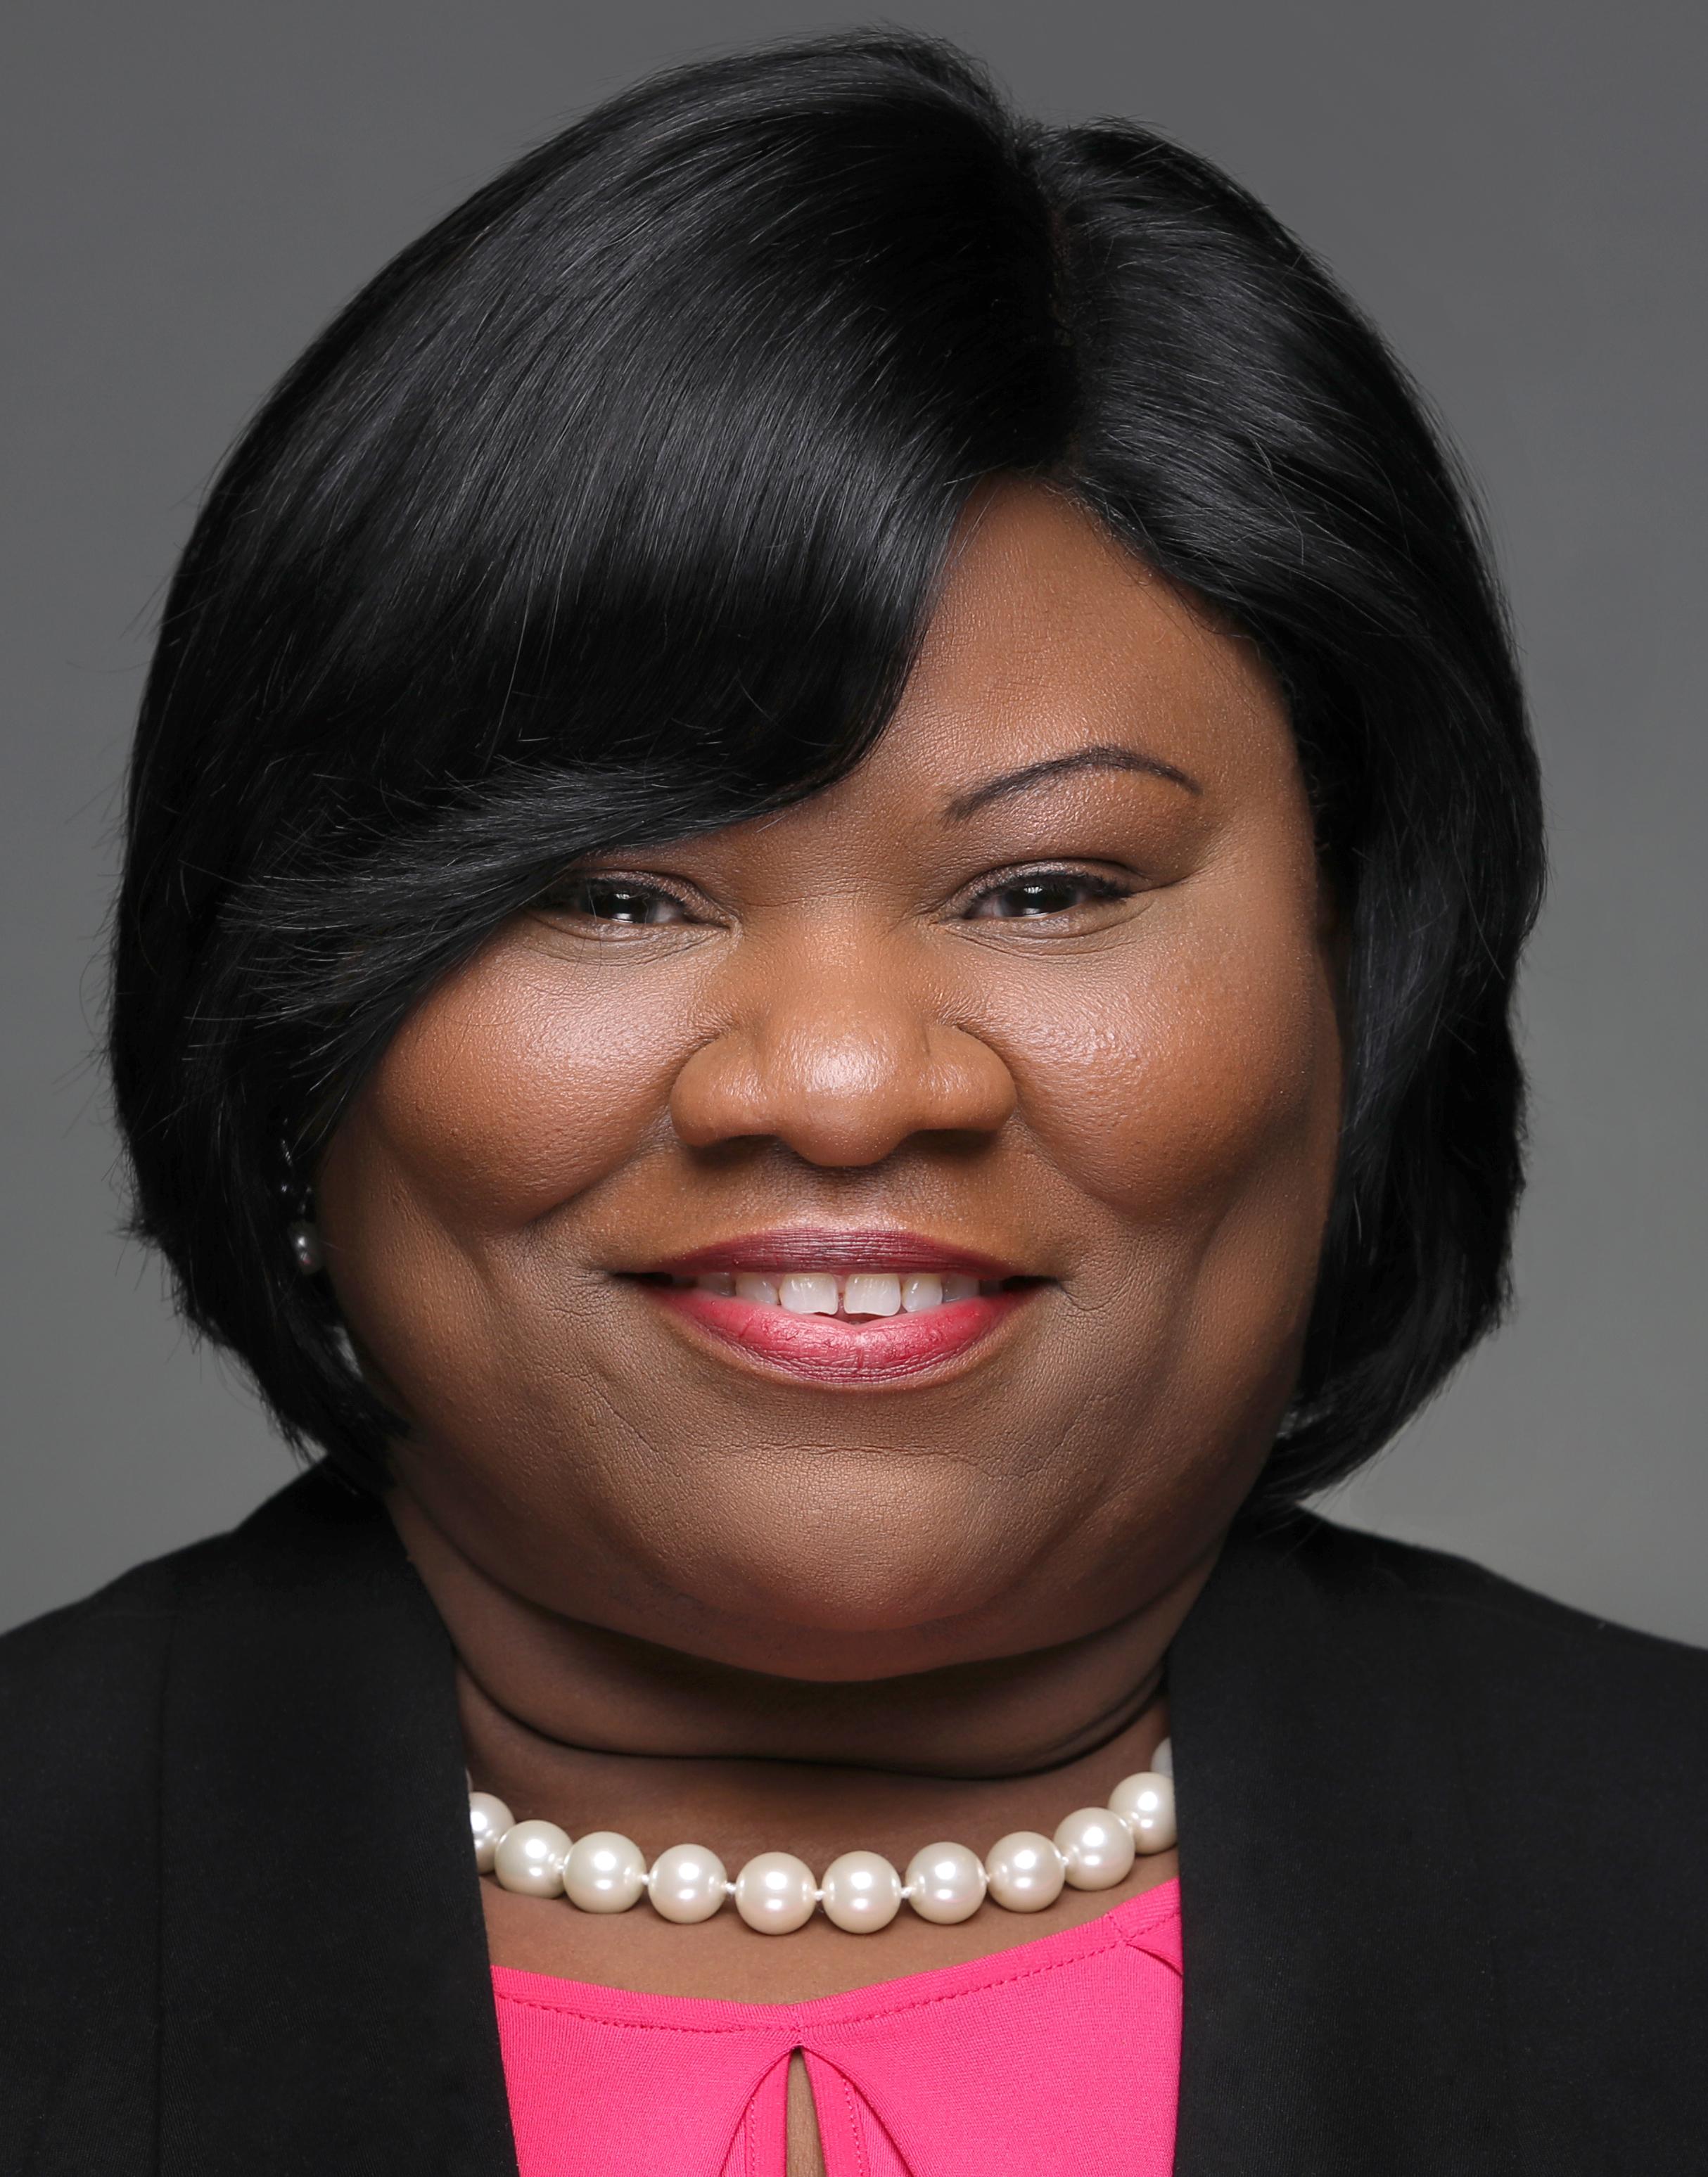 Yolanda M. McCoy